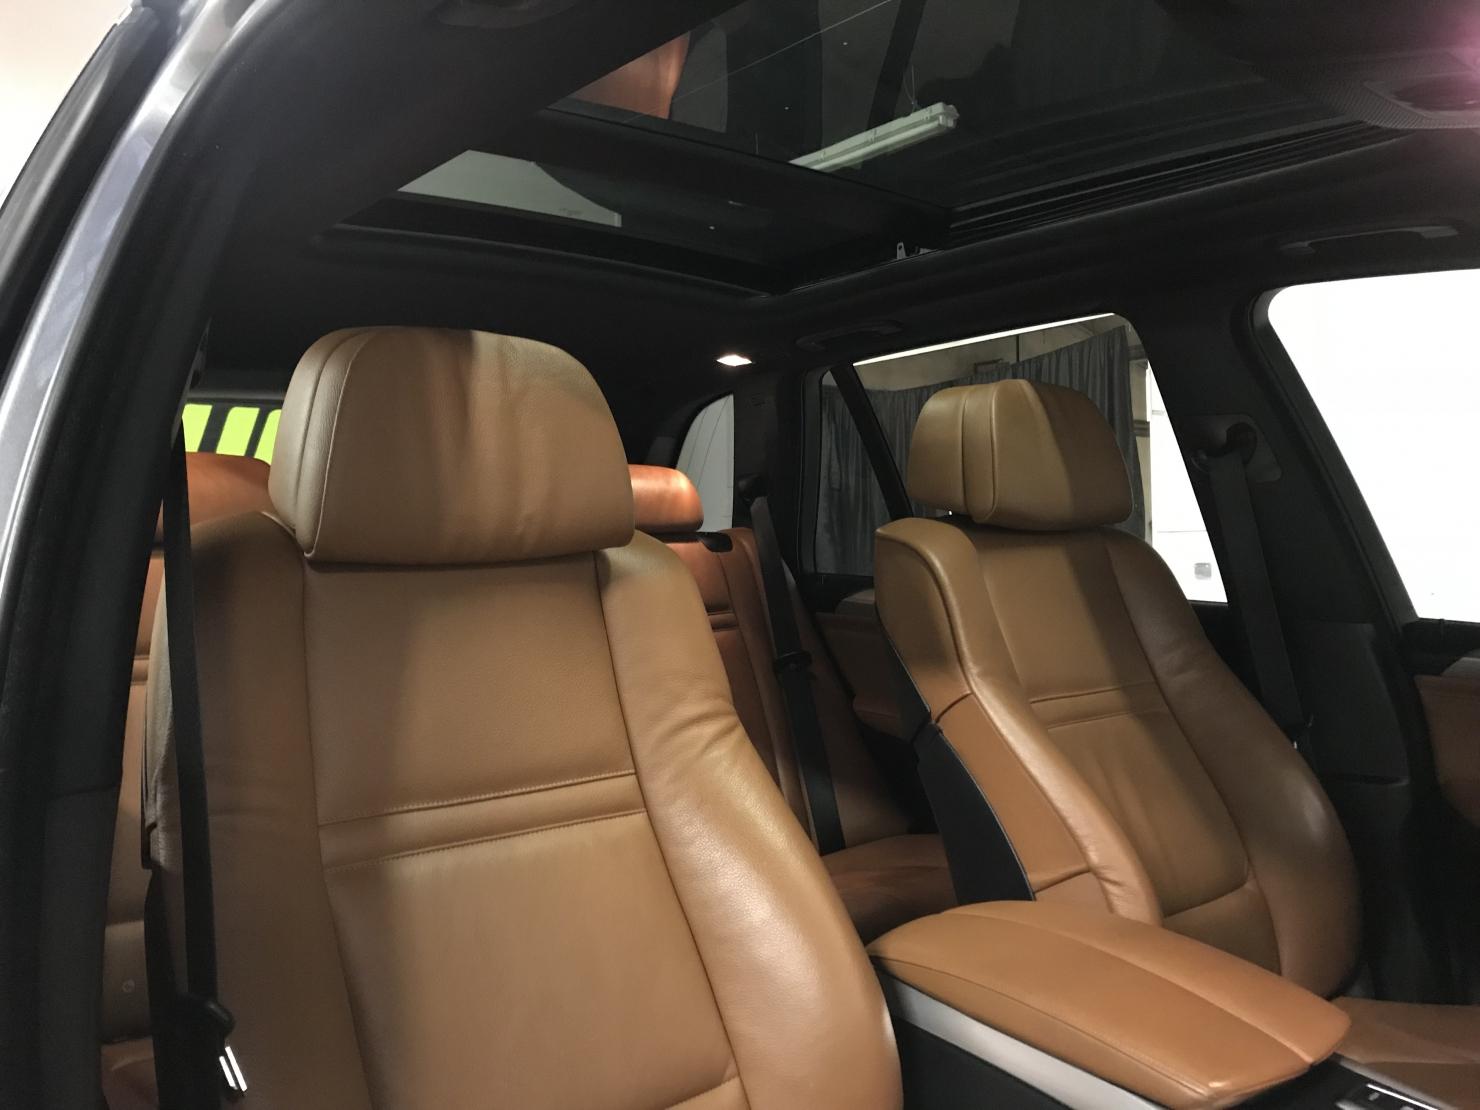 BMW X5 (E70) Phase II 3.0 sD 286 cv Luxe BVA